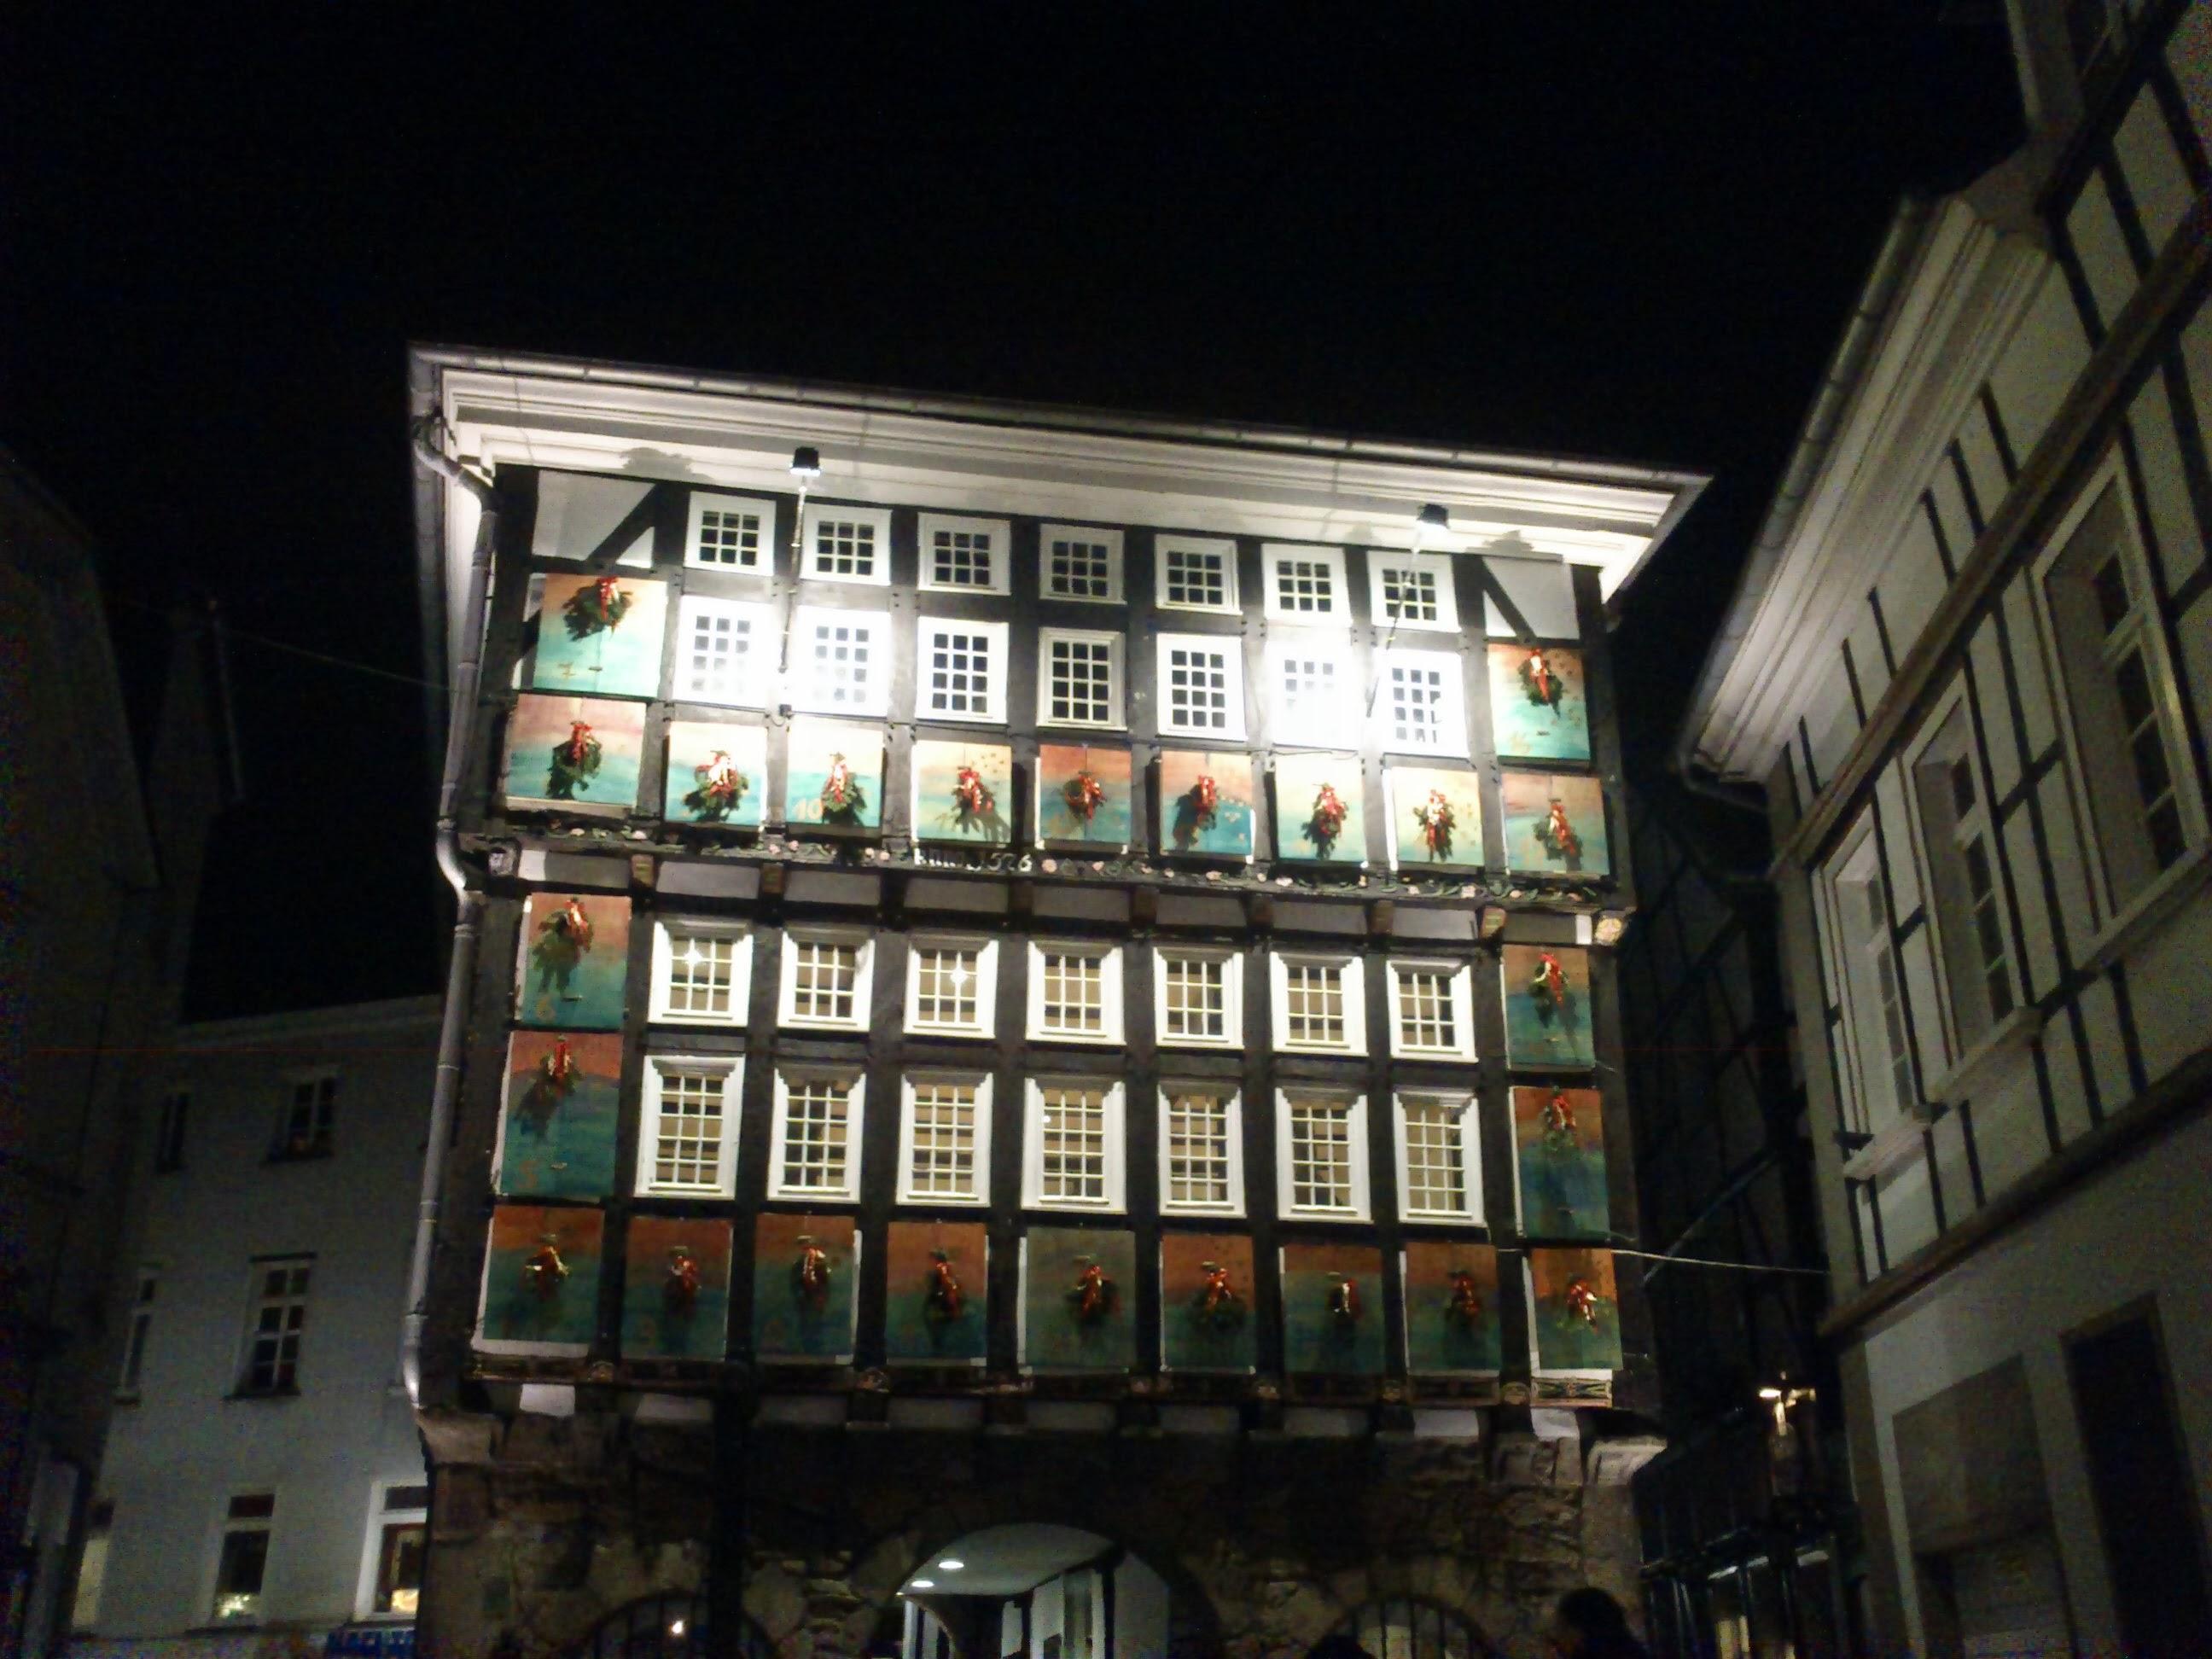 Alte Weihnachtskalender.File Adventskalender Altes Rathaus Hattingen 29 11 13 Panoramio